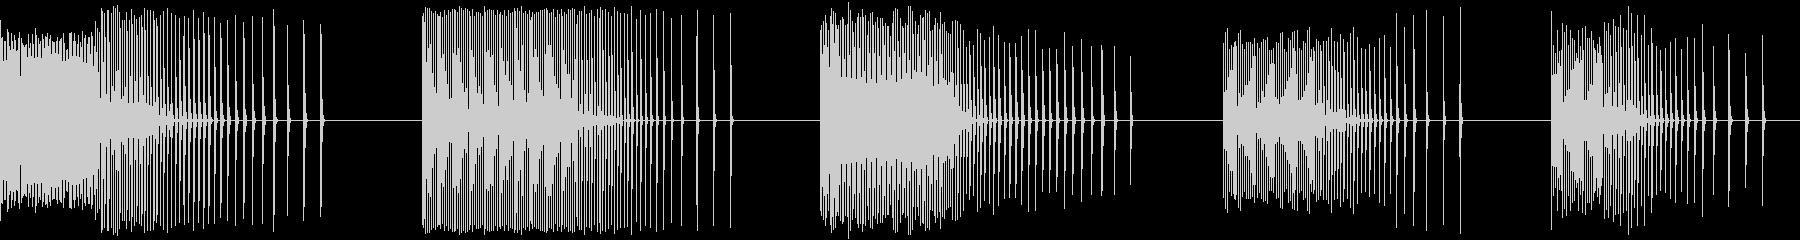 高速スピン、5バージョン、スピニン...の未再生の波形